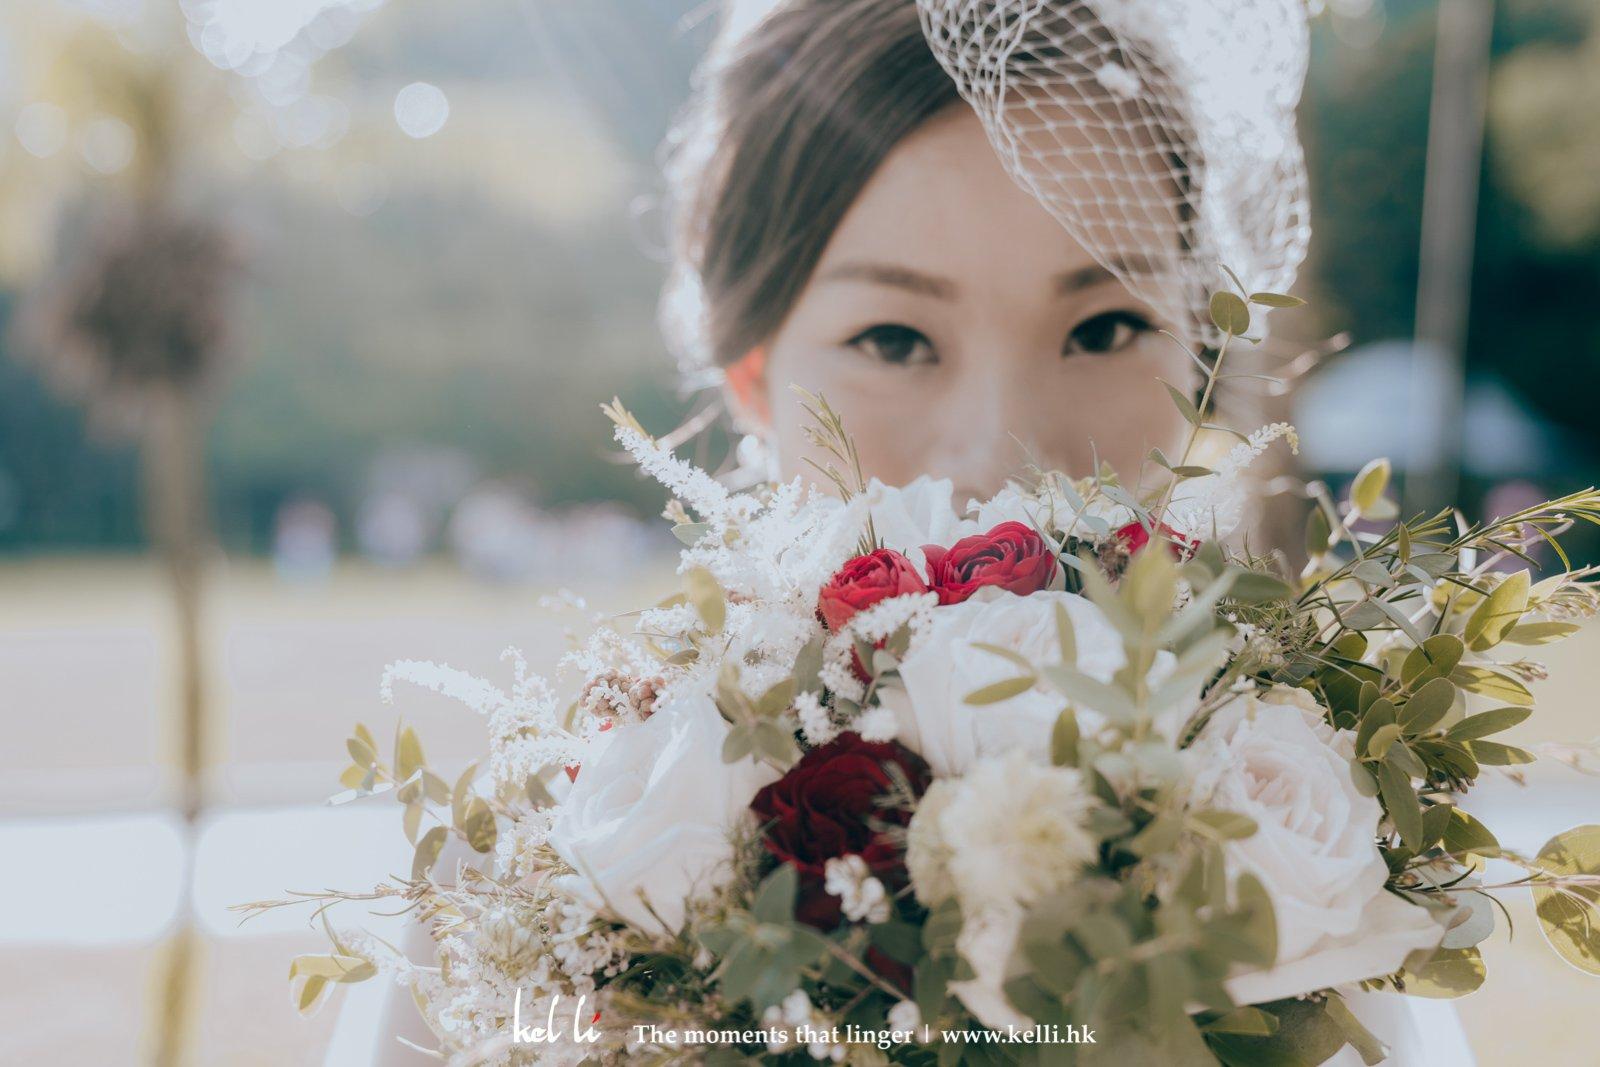 Prewedding 裡不可或缺的當然是新娘化妝及造型,所以在拍攝前期,我們都有提供化妝師的前期諮詢,了解新娘的外觀及喜好